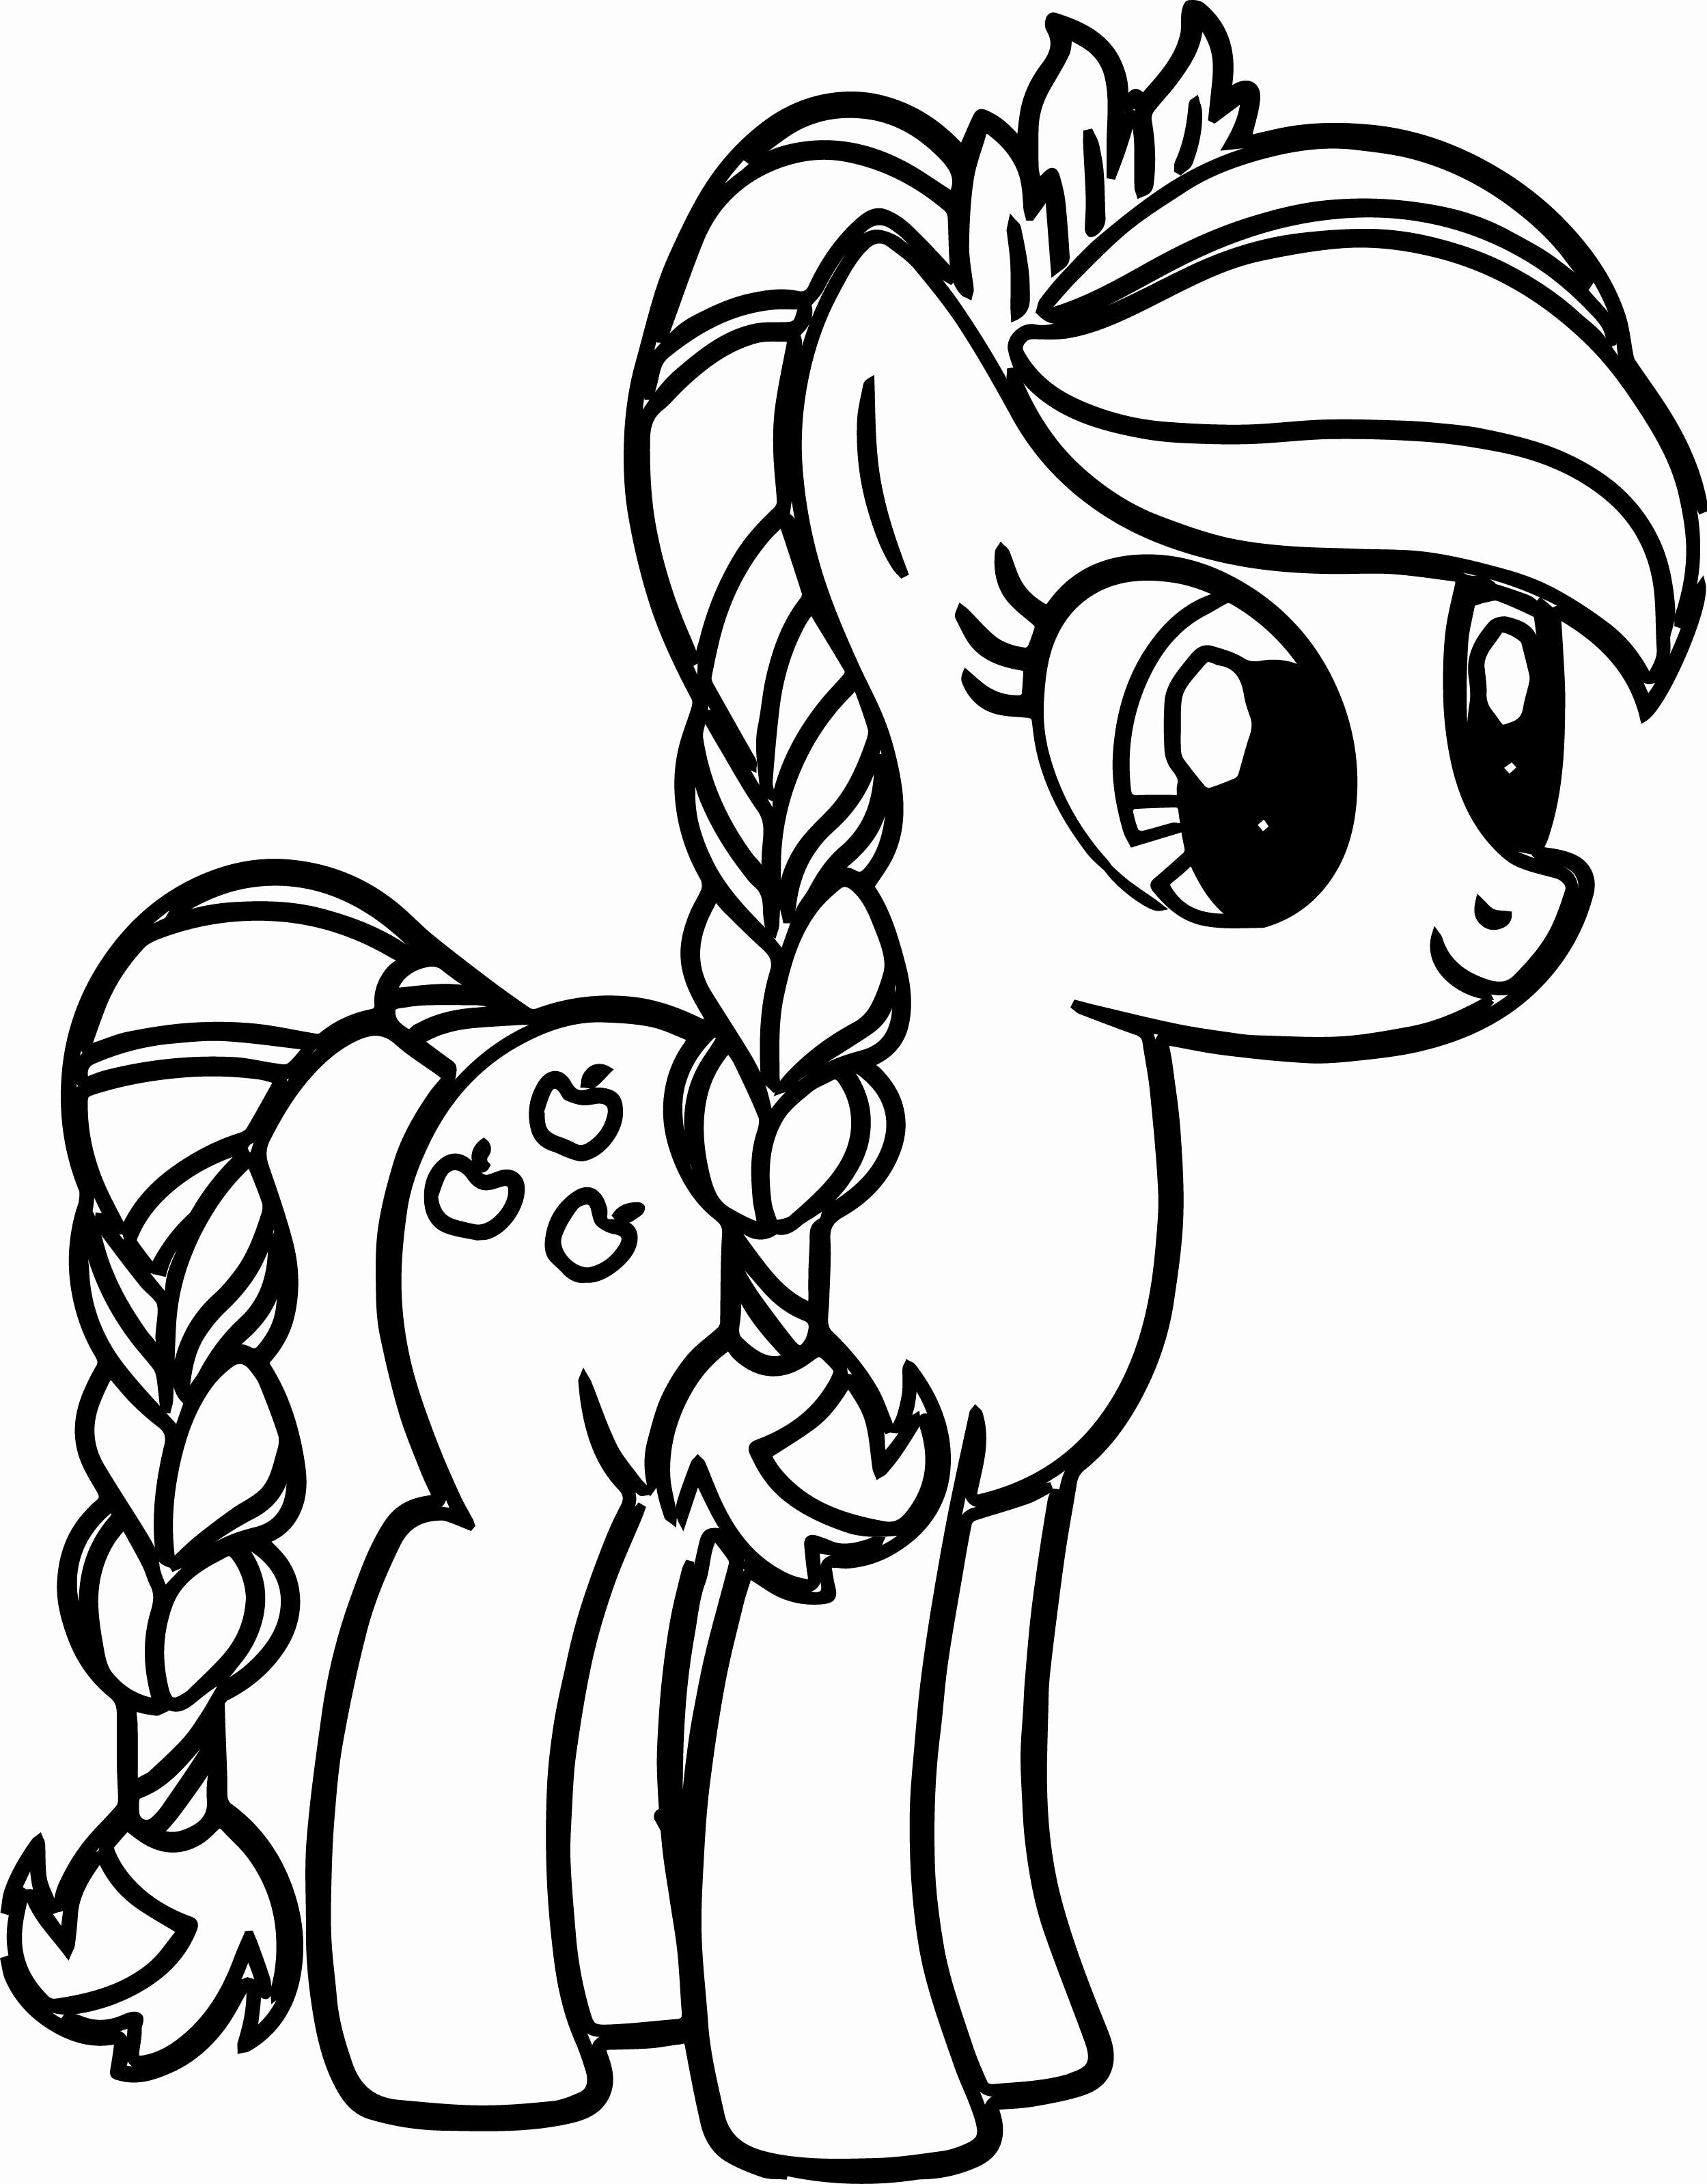 Malvorlagen My Little Pony Das Beste Von 35 Neu Lager Von Ausmalbilder My Little Pony Galerie